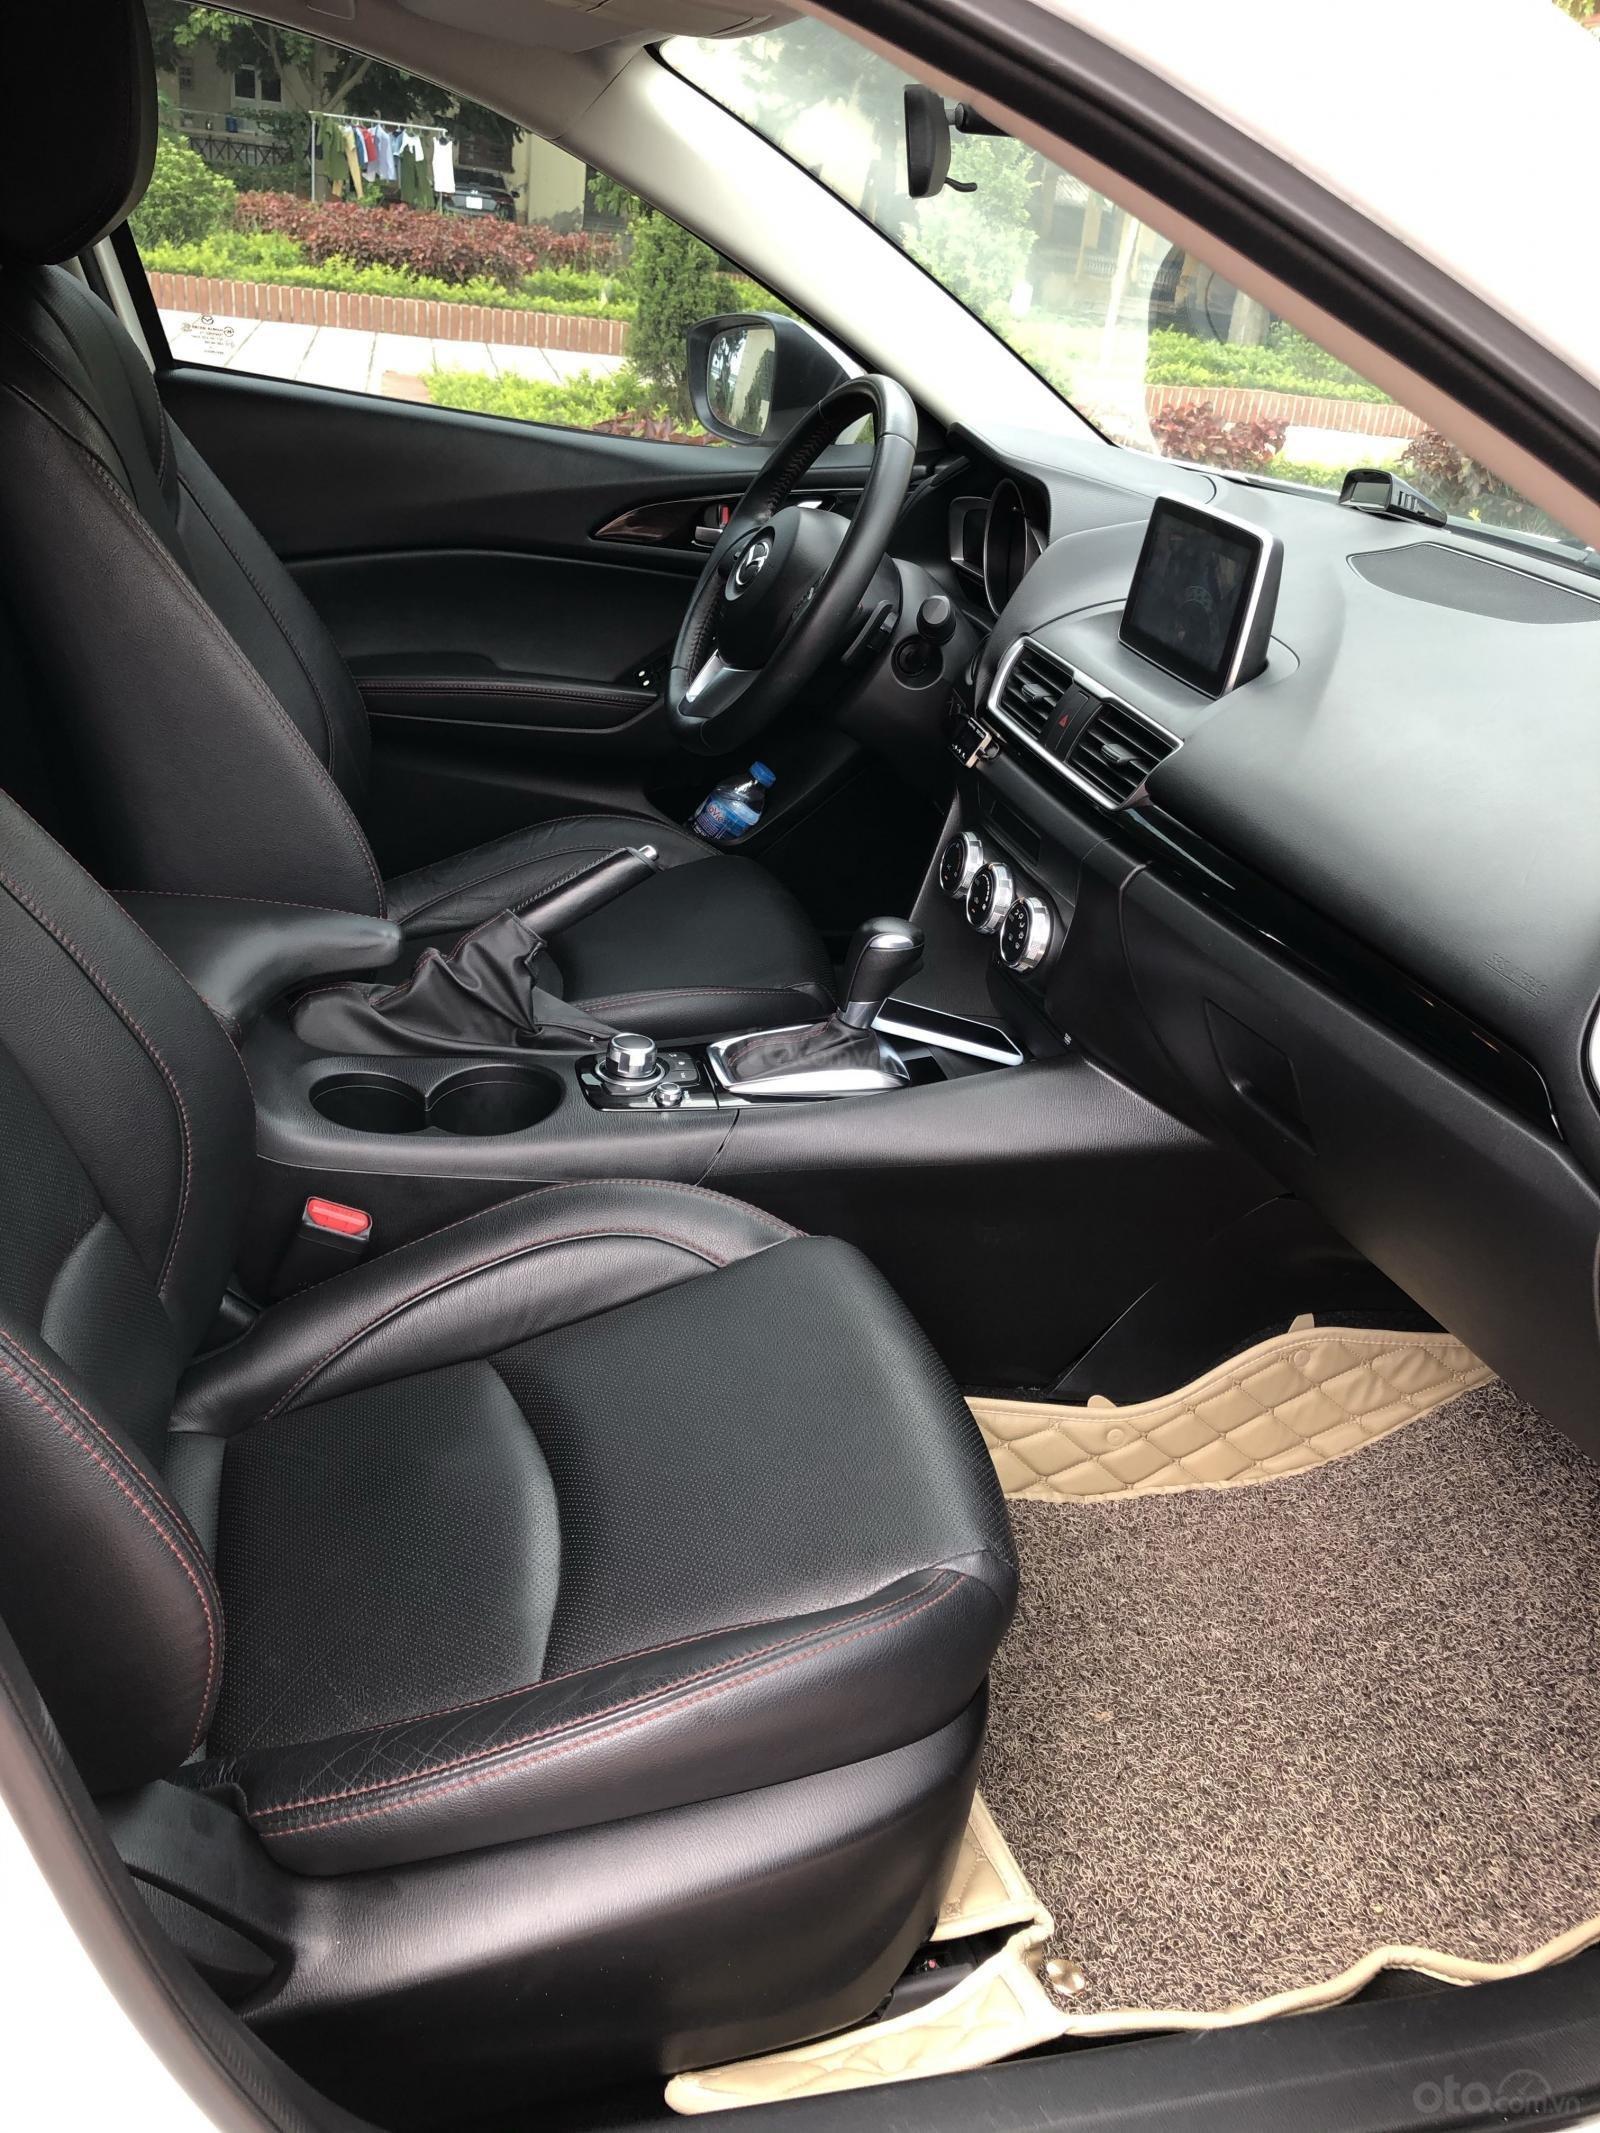 Cần bán Mazda 3 đời 2015, màu trắng, xe gia đình giá tốt 510 triệu đồng (6)